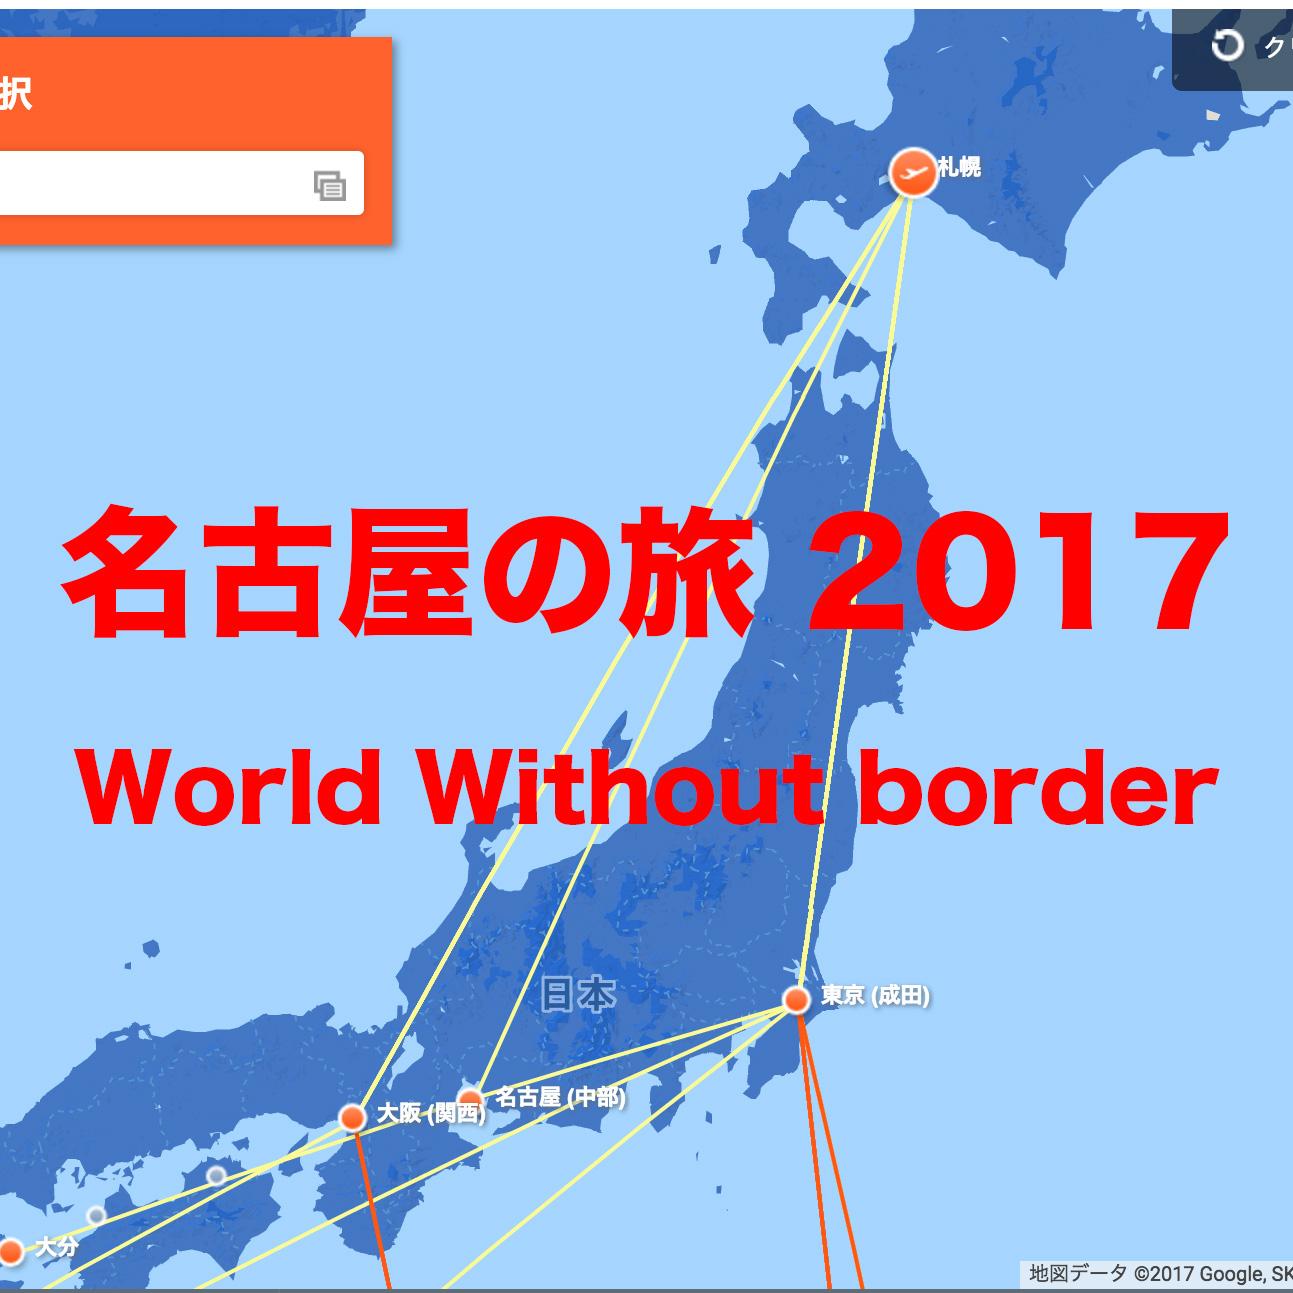 【名古屋の旅 2017】Jetstar直行便で名古屋・橋の下音楽祭へ行くことにしました。